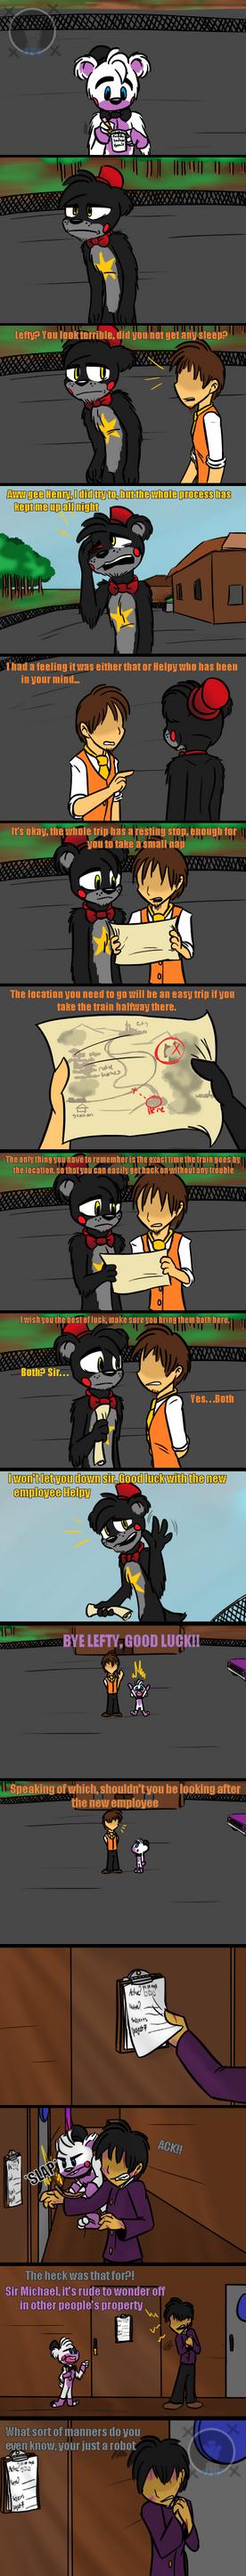 Humble Partner (FNAF 6 Comic) Pt.3 by Blustreakgirl